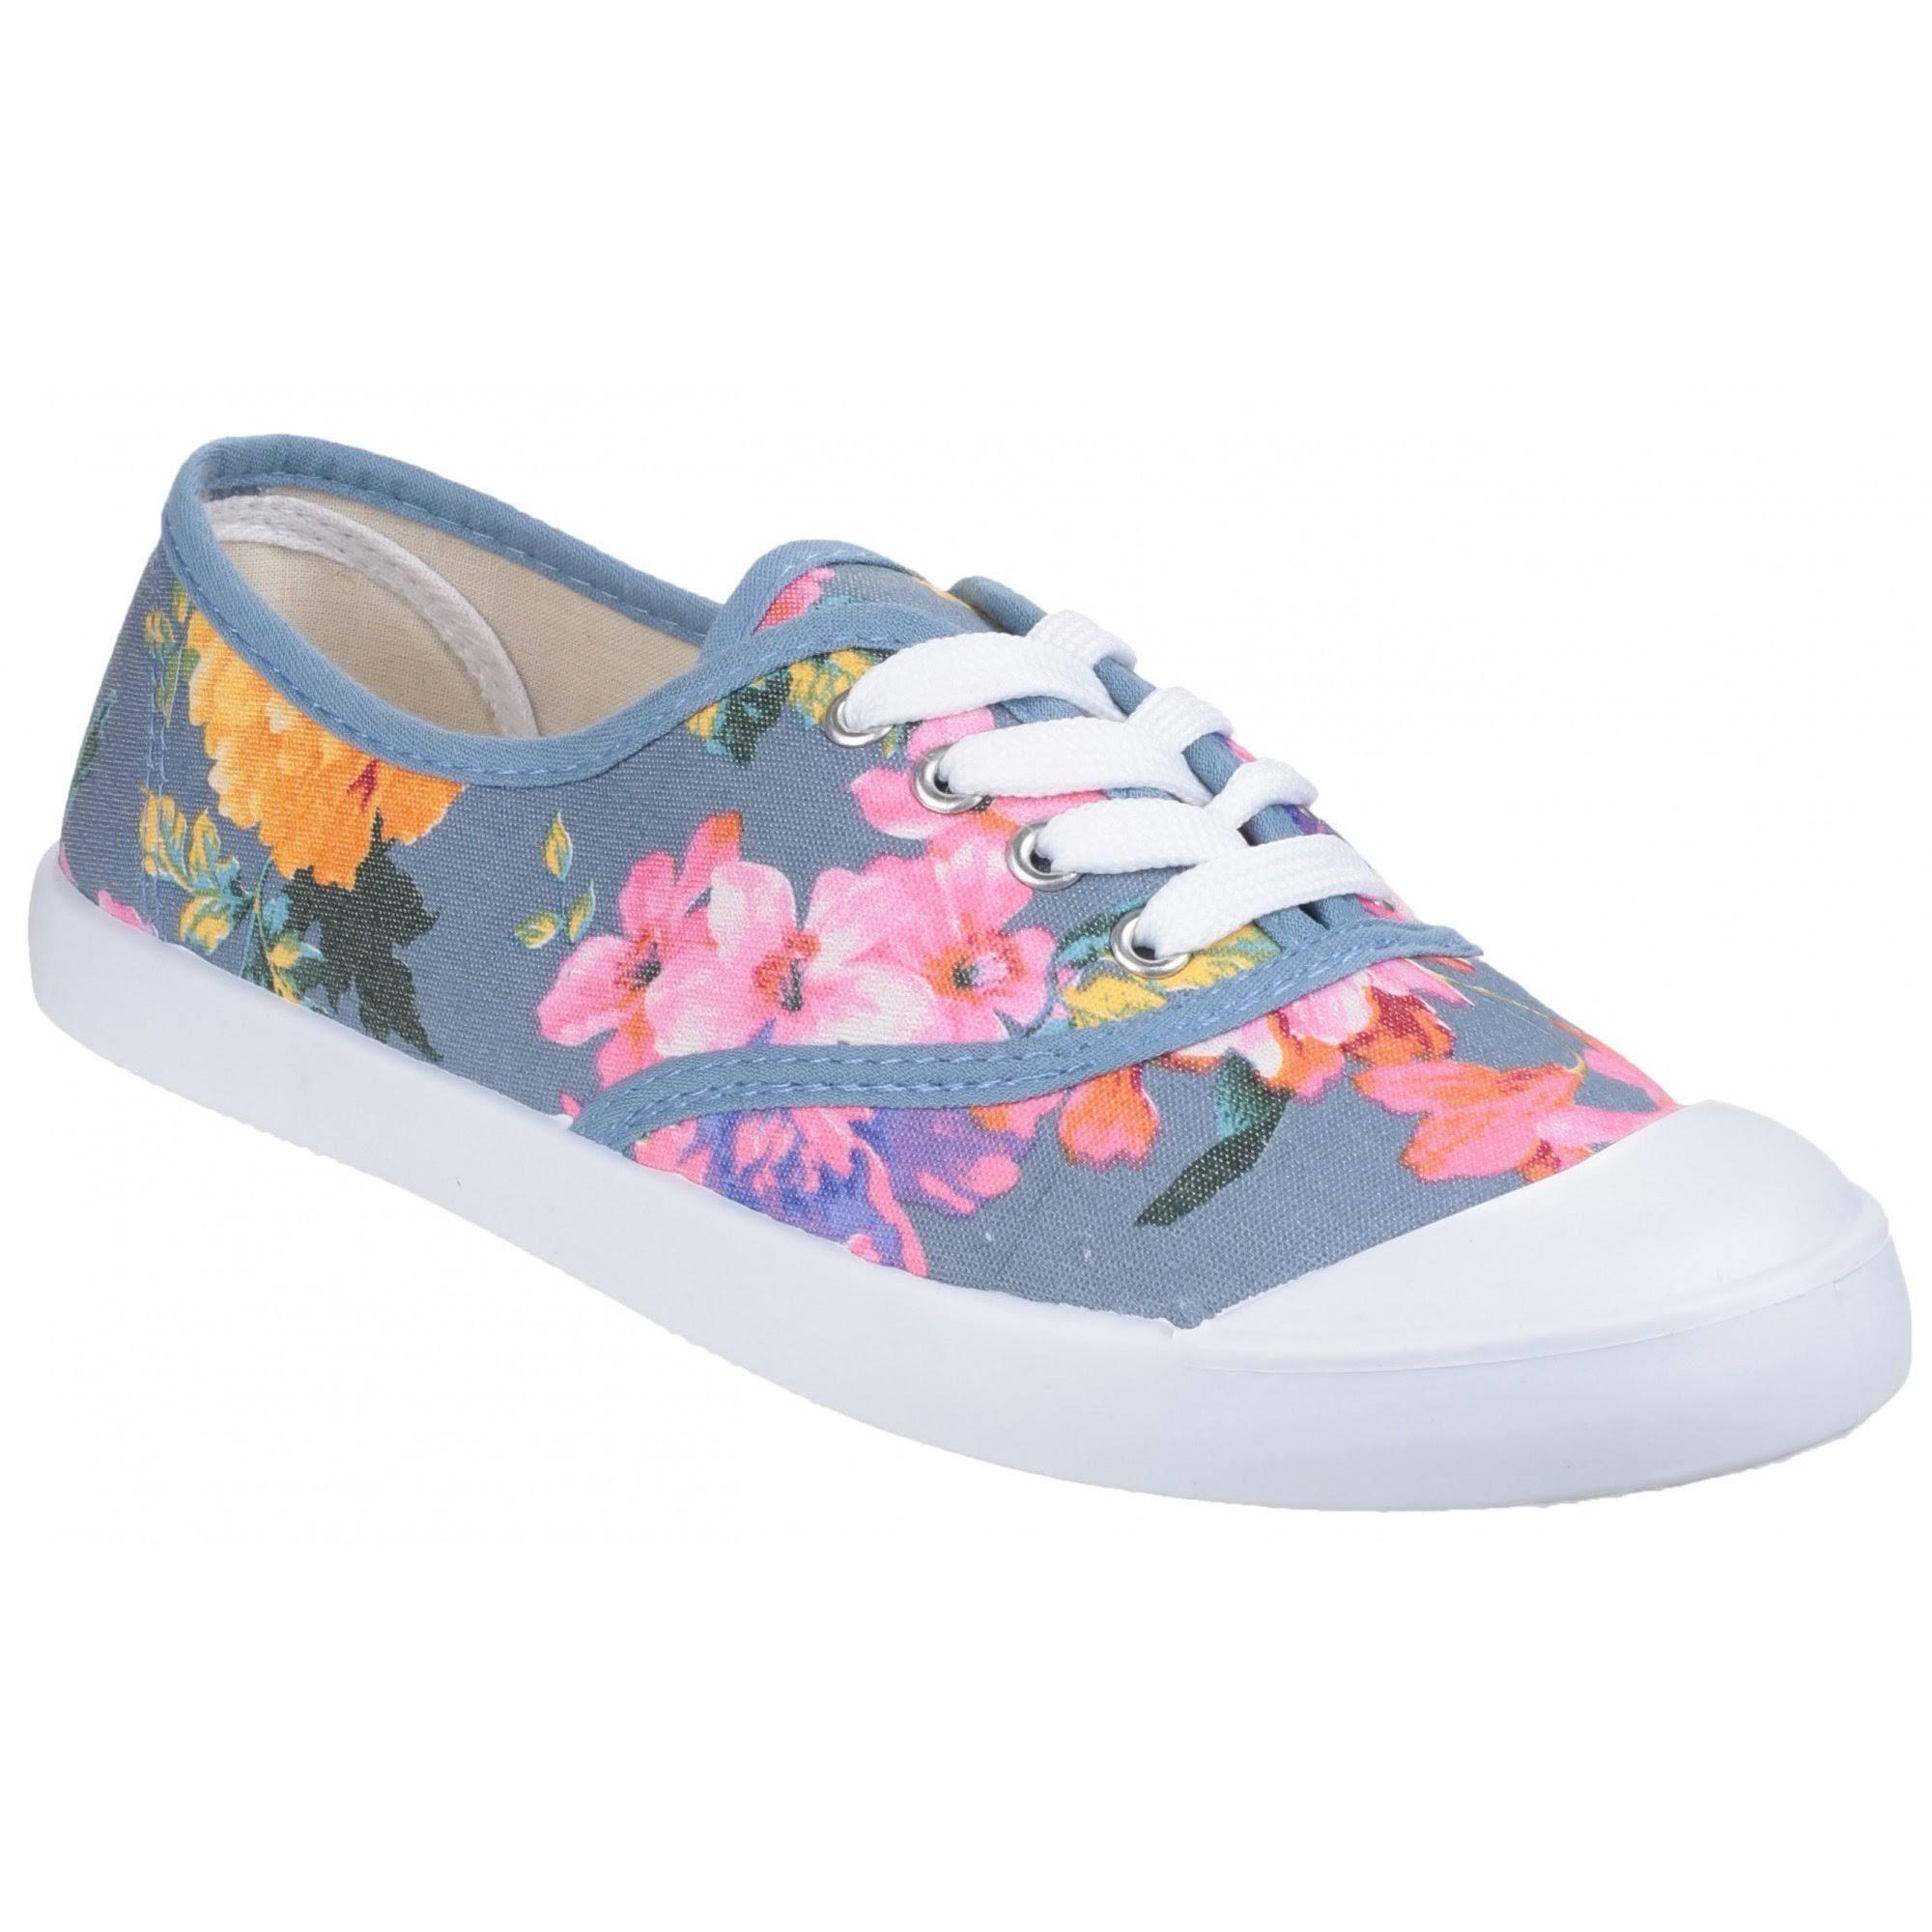 Divaz Ellie Ladies Lace-up Canvas Shoes Lavender UK 4